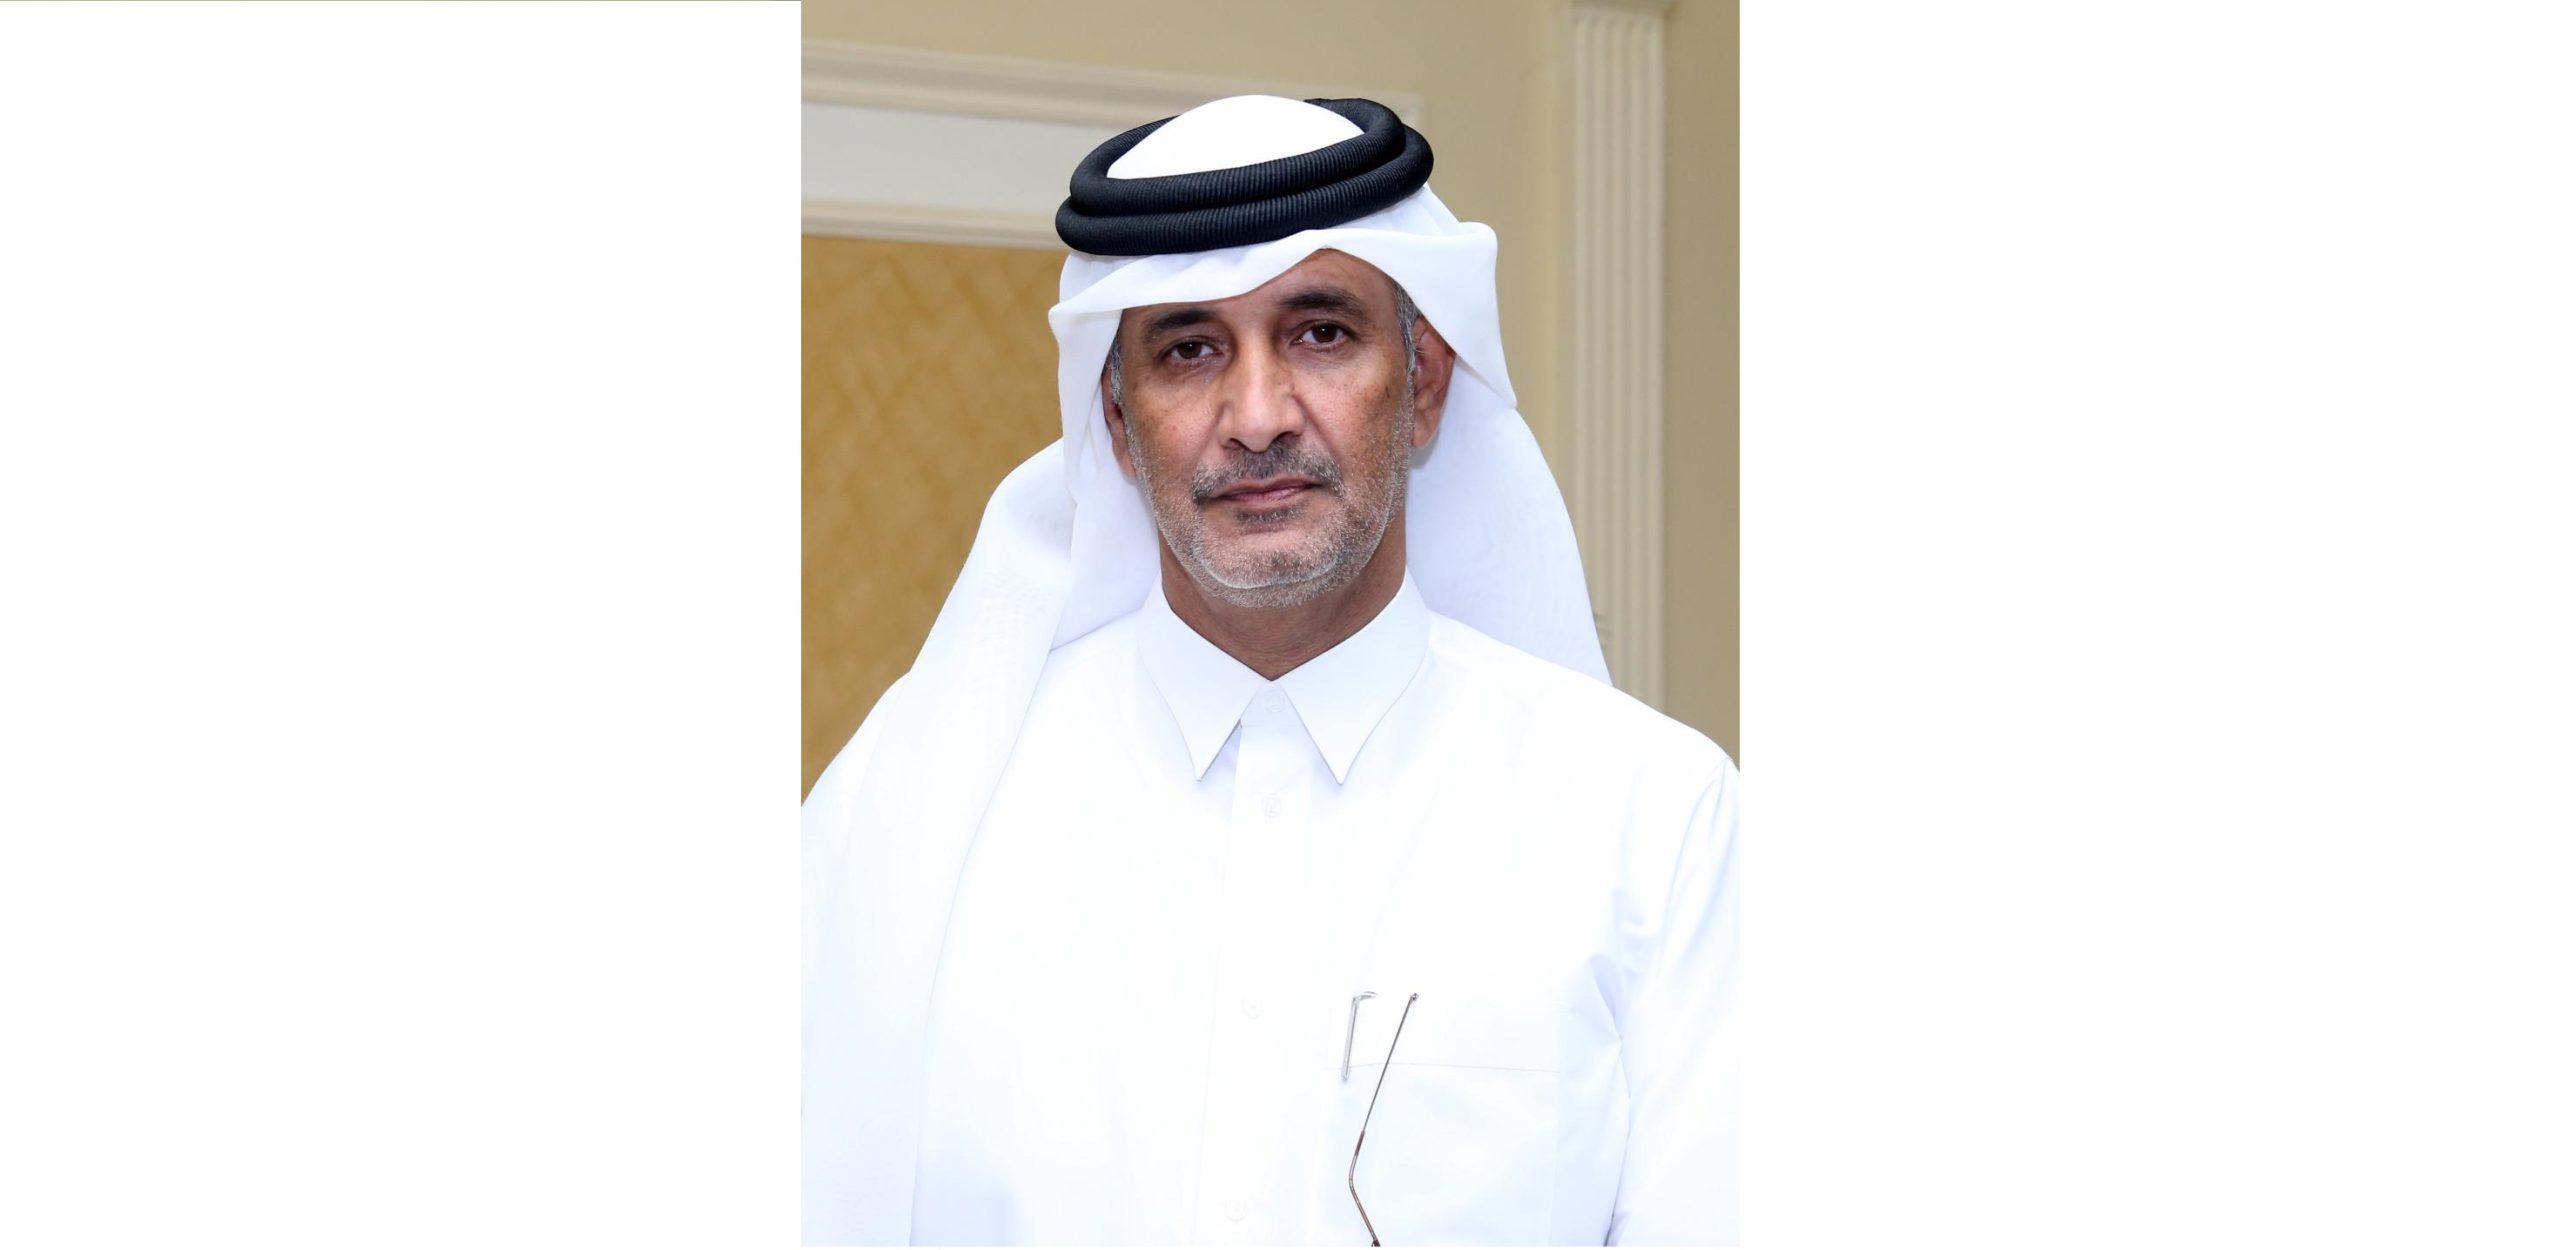 عبدالله الكواري: تلقينا خبر المصالحة الخليجية بفرحة كبيرة